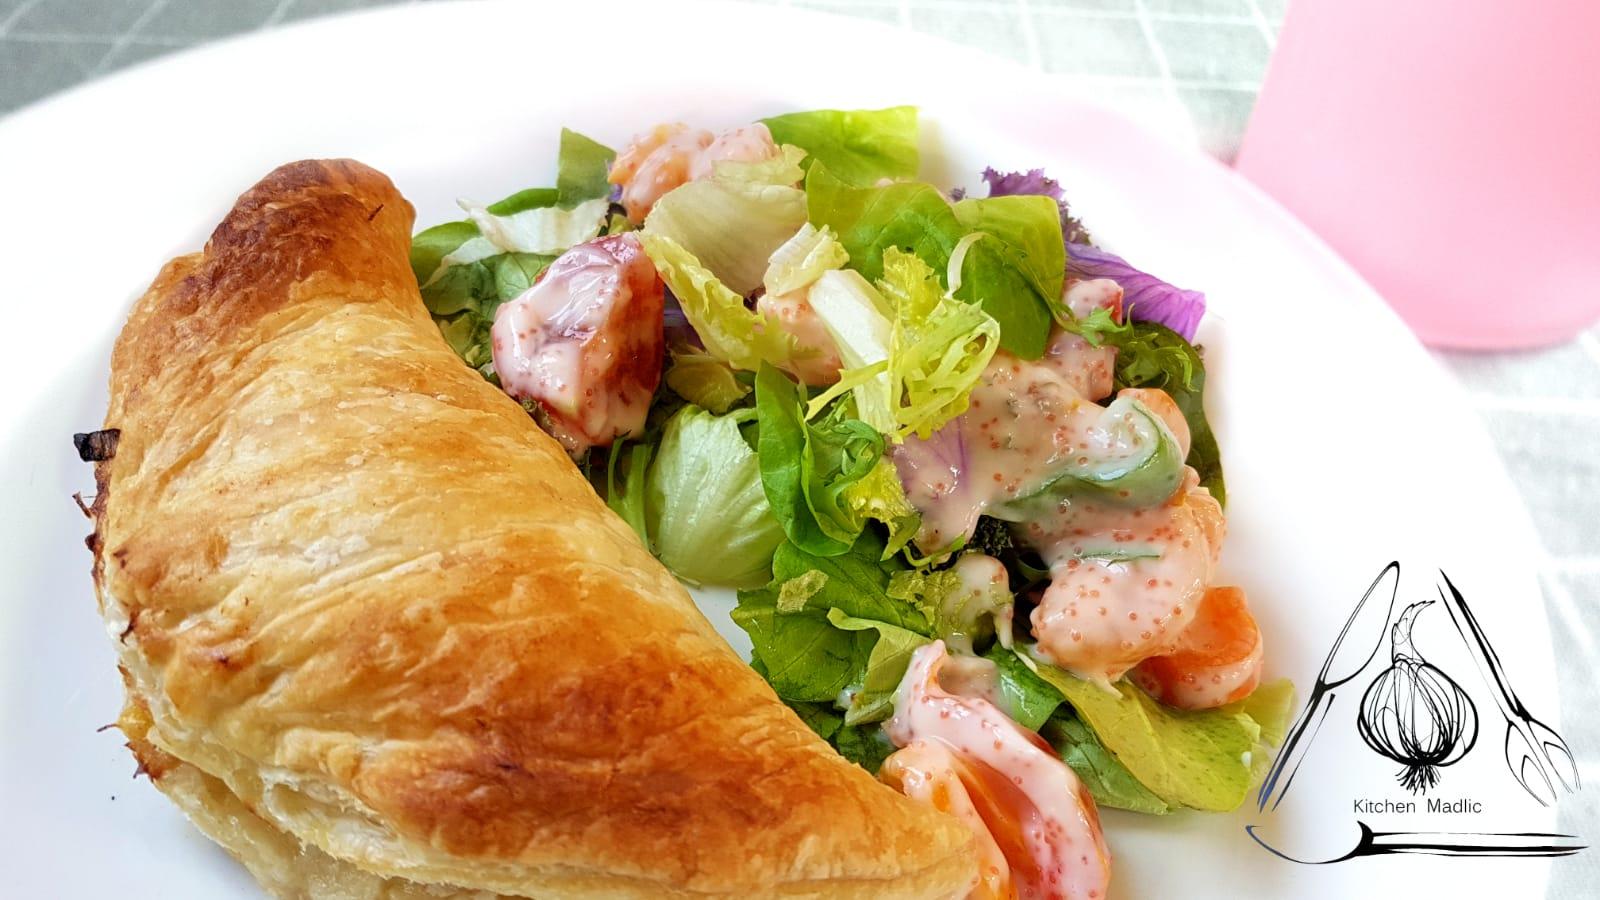 大蔥野菌海鮮酥皮盒配蜜柑沙律。(Kitchen Madlic提供)